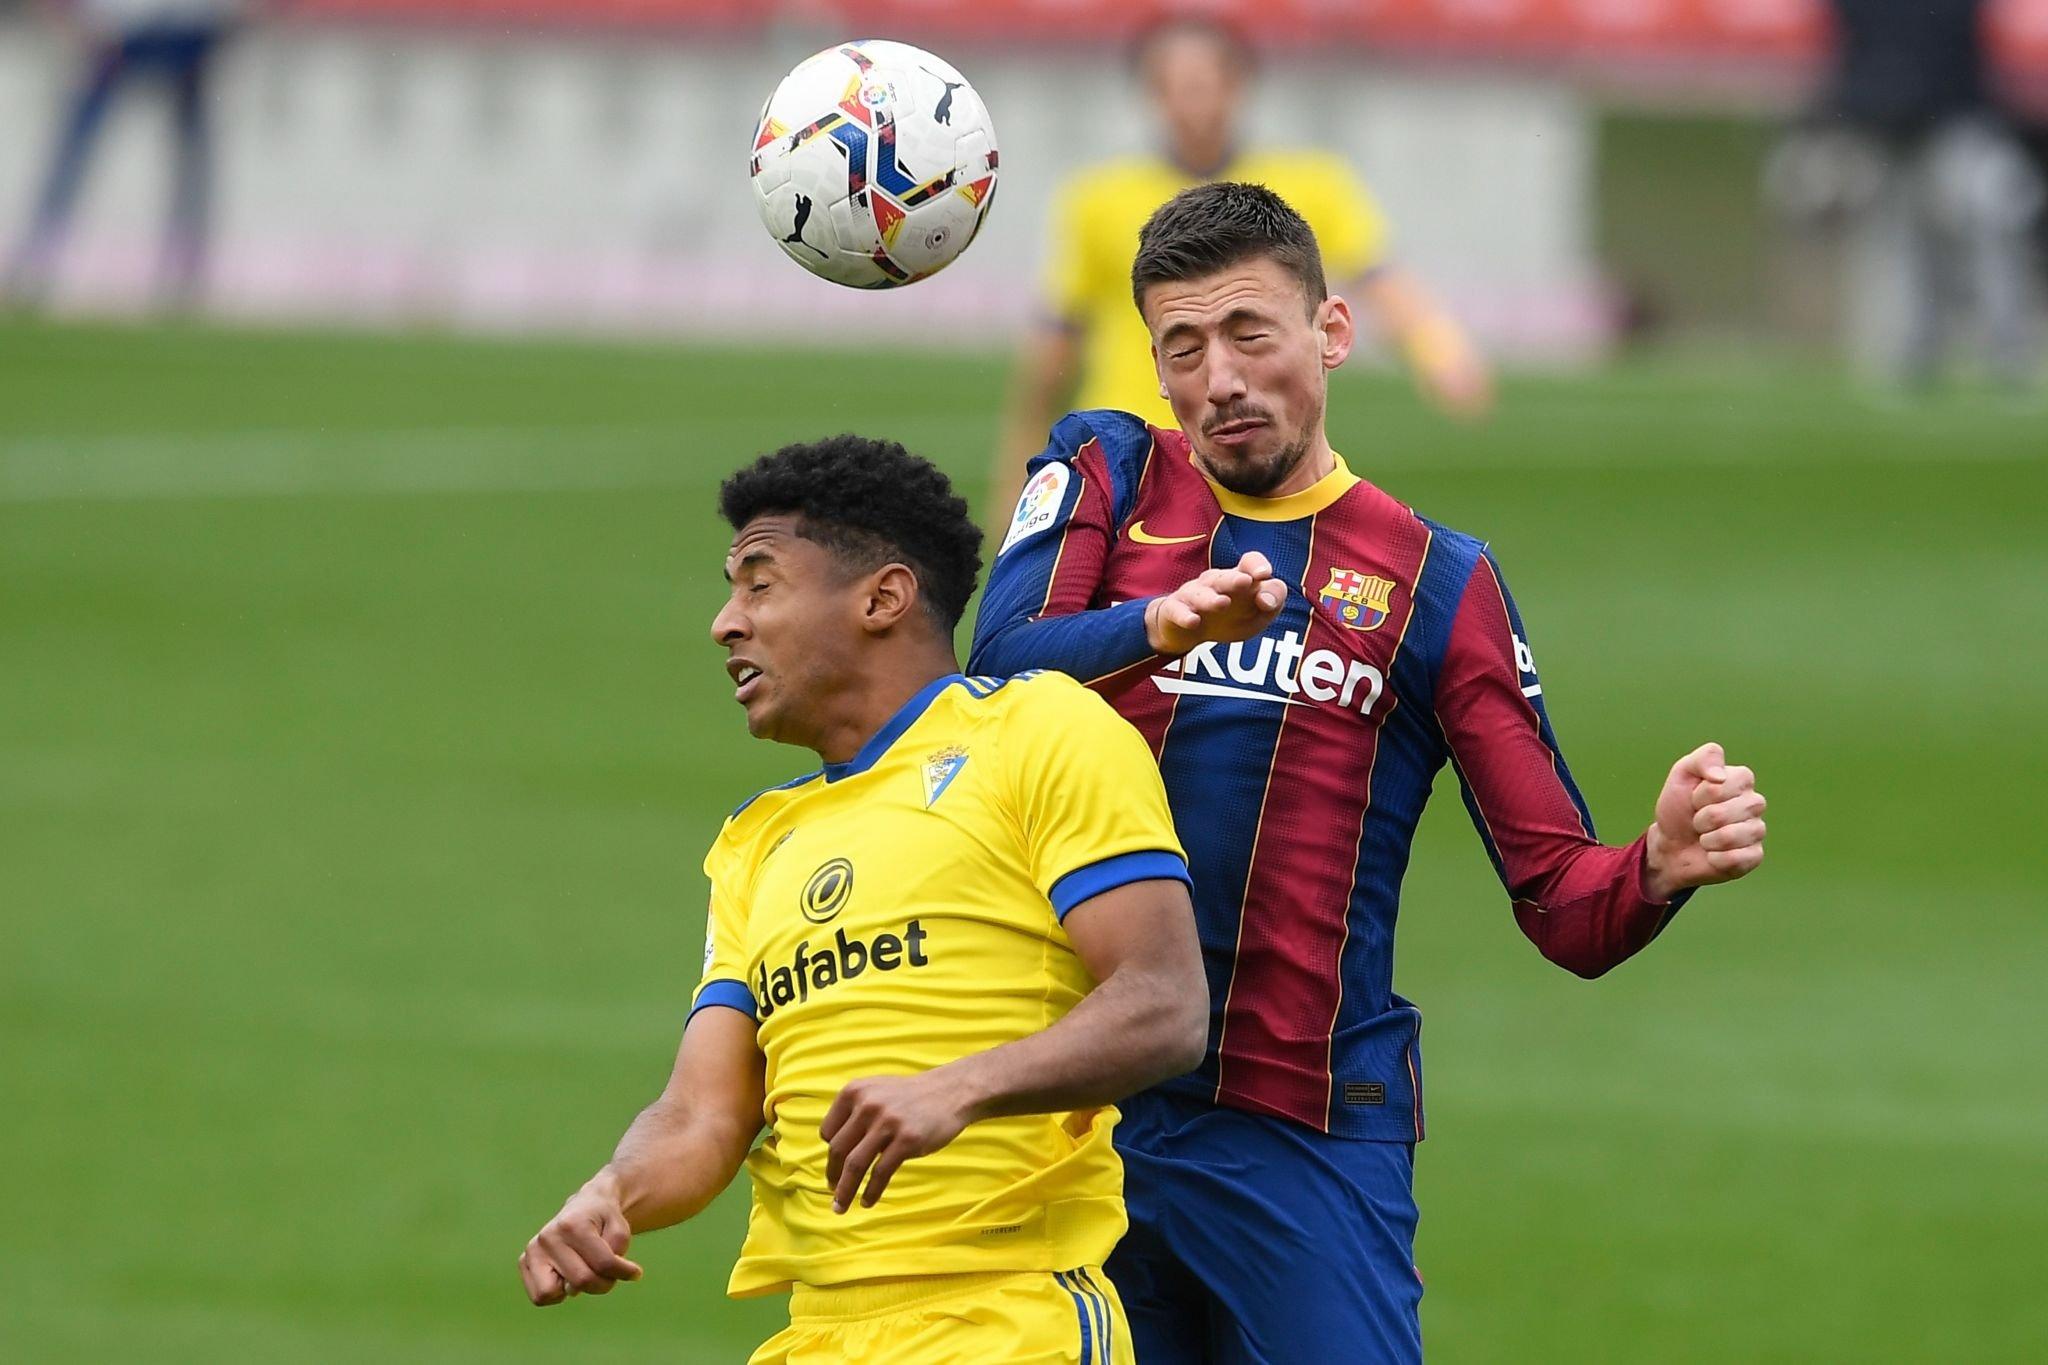 لينجليت مدافع برشلونة فى كرة هوائية مع لاعب قادش